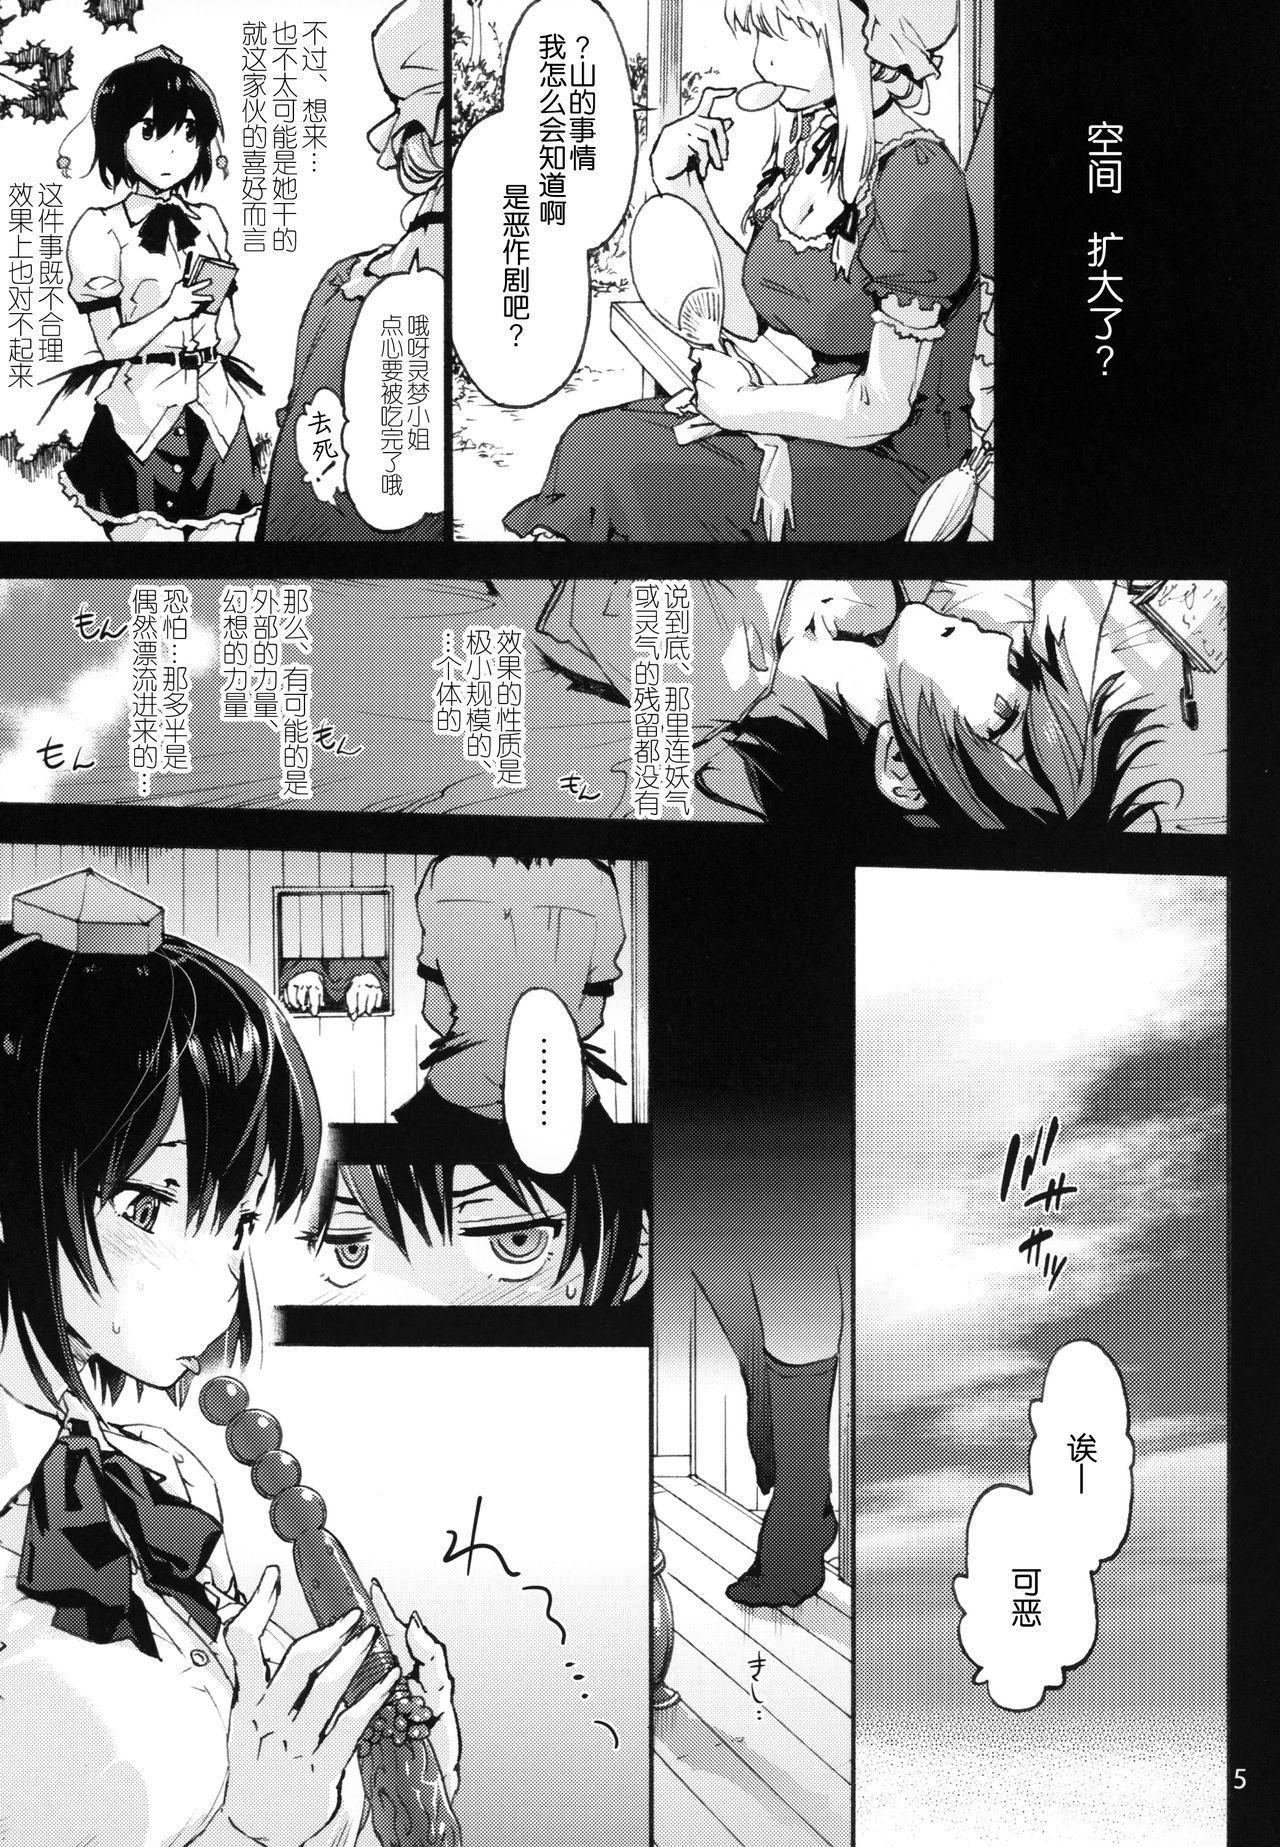 Nagai Mono ni Xkaretai Shameimaru-san 5